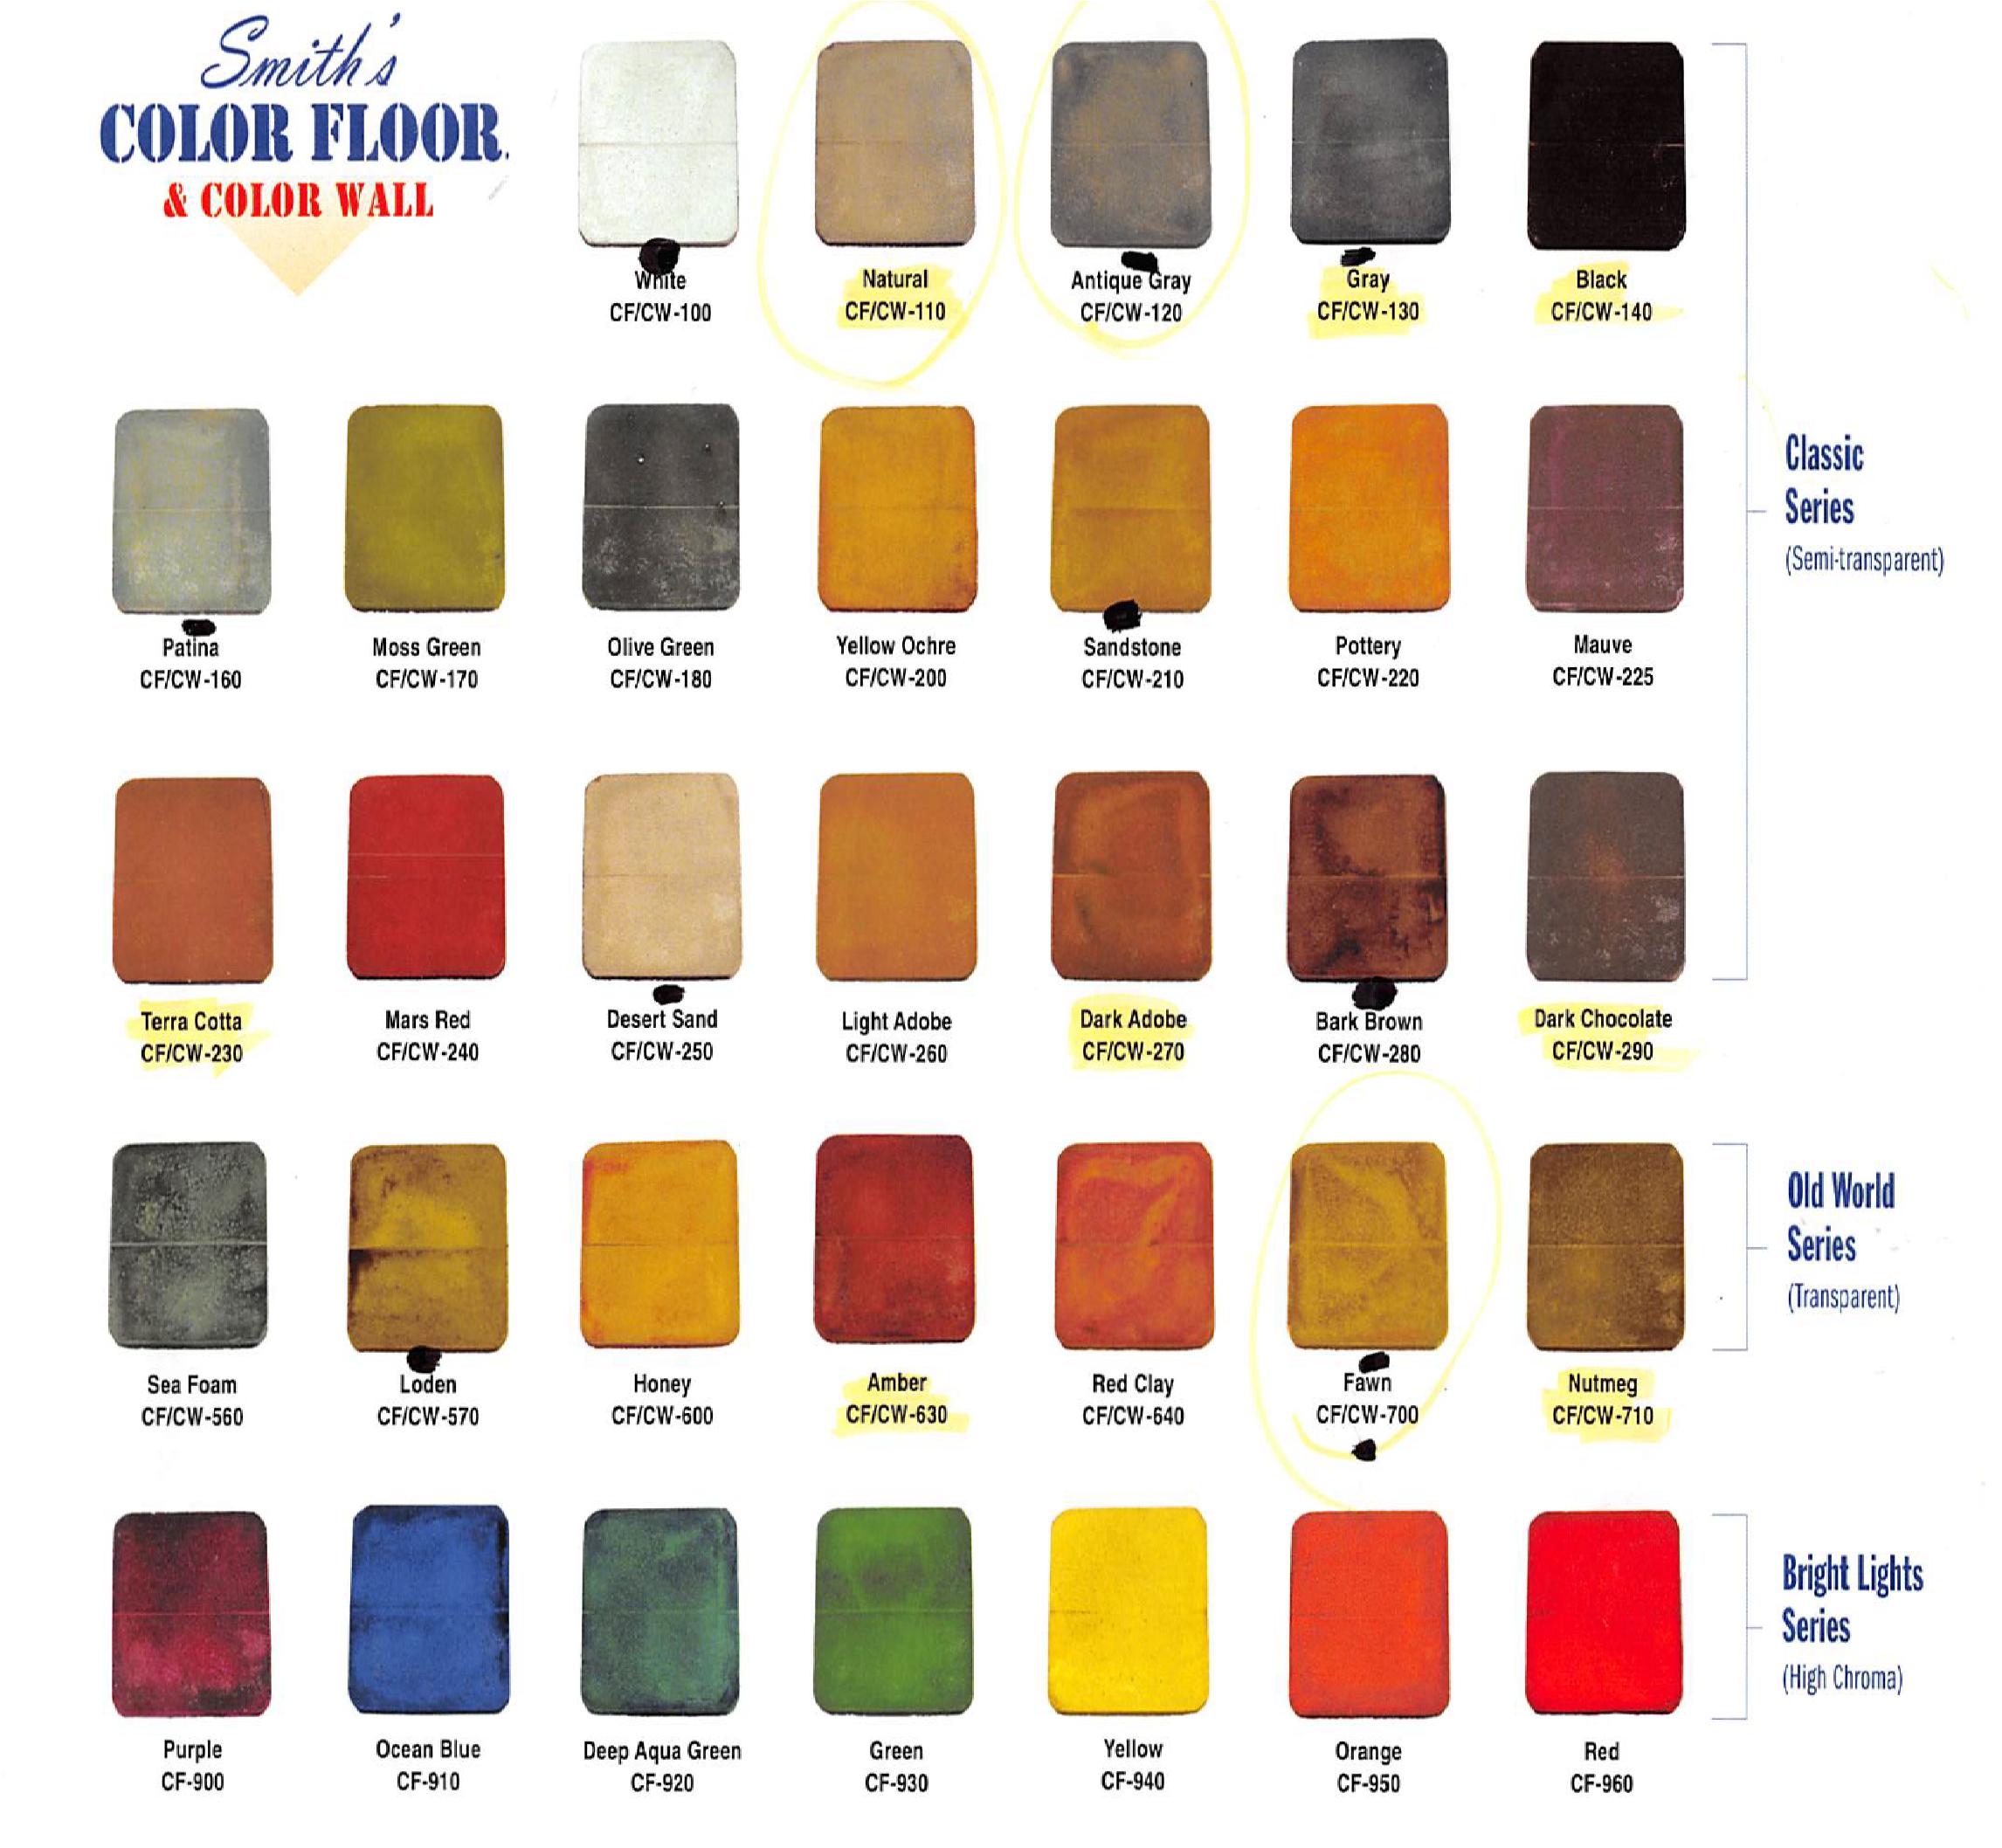 Colores - Oxido Smiths